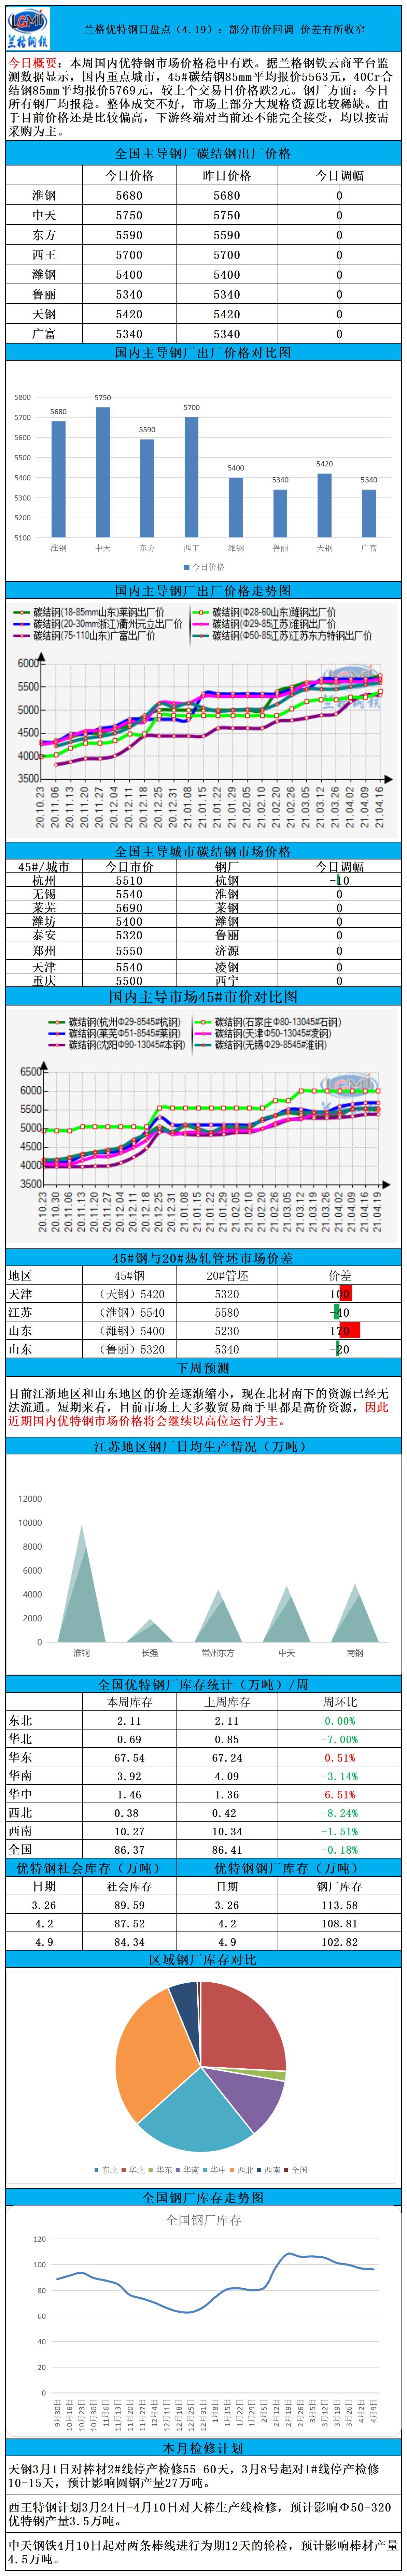 兰格优特钢日盘点(4.19):部分市价回调 价格有所收窄